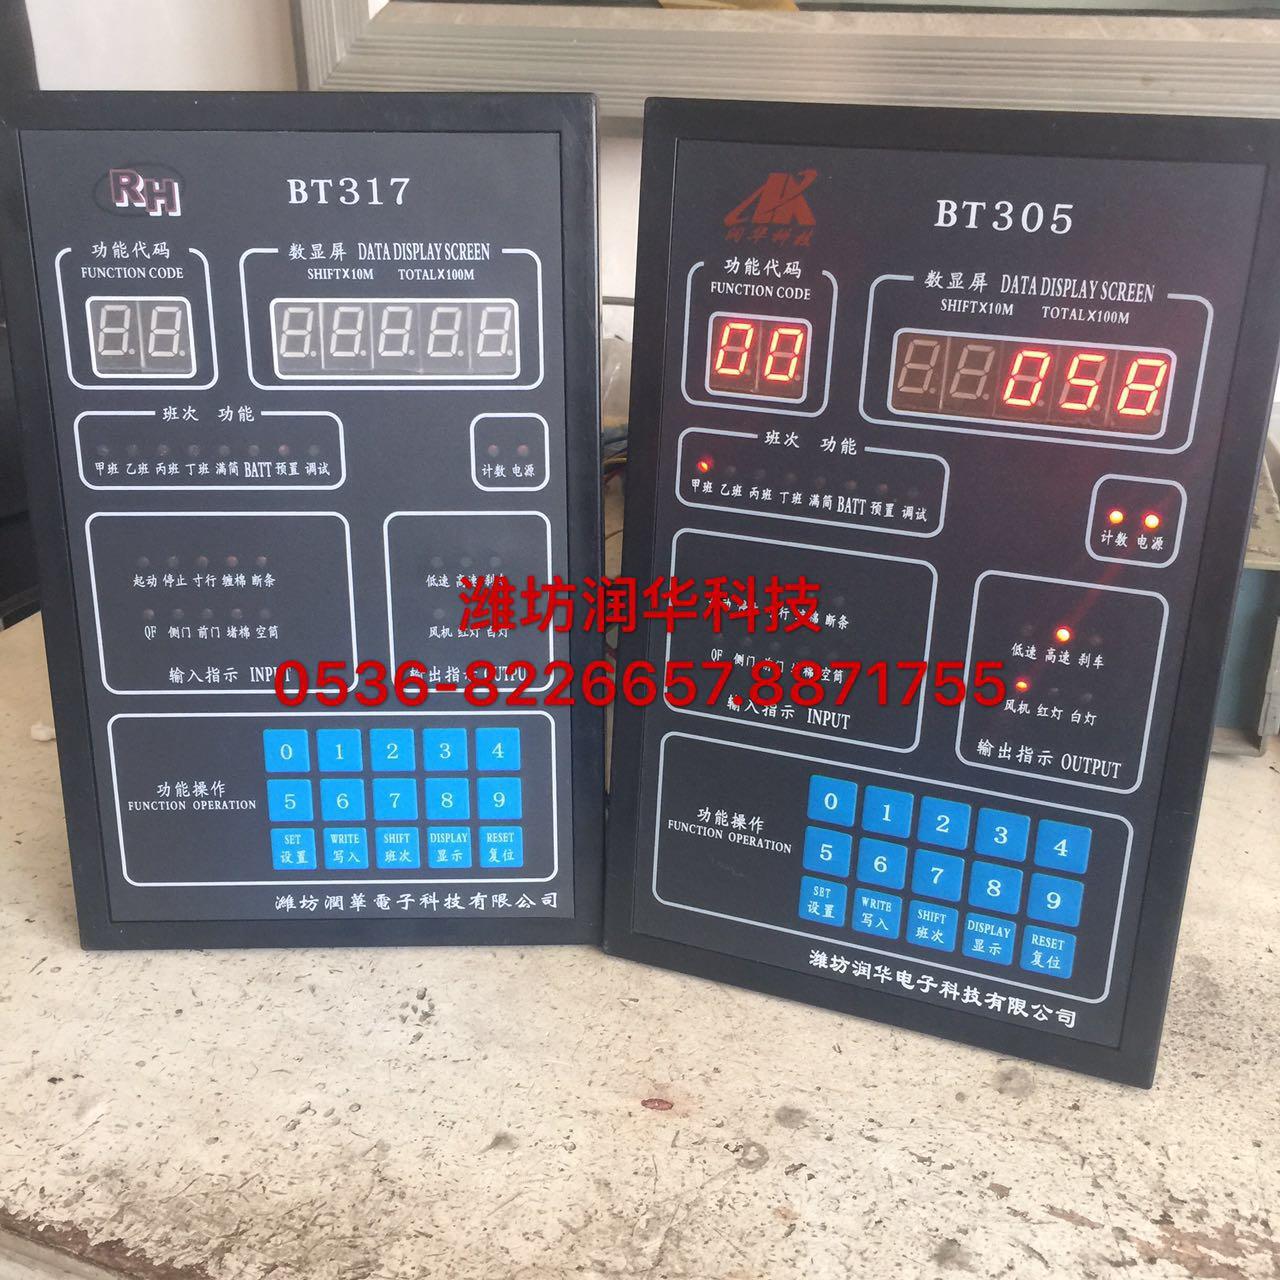 BT305,BT315,BT317程控器